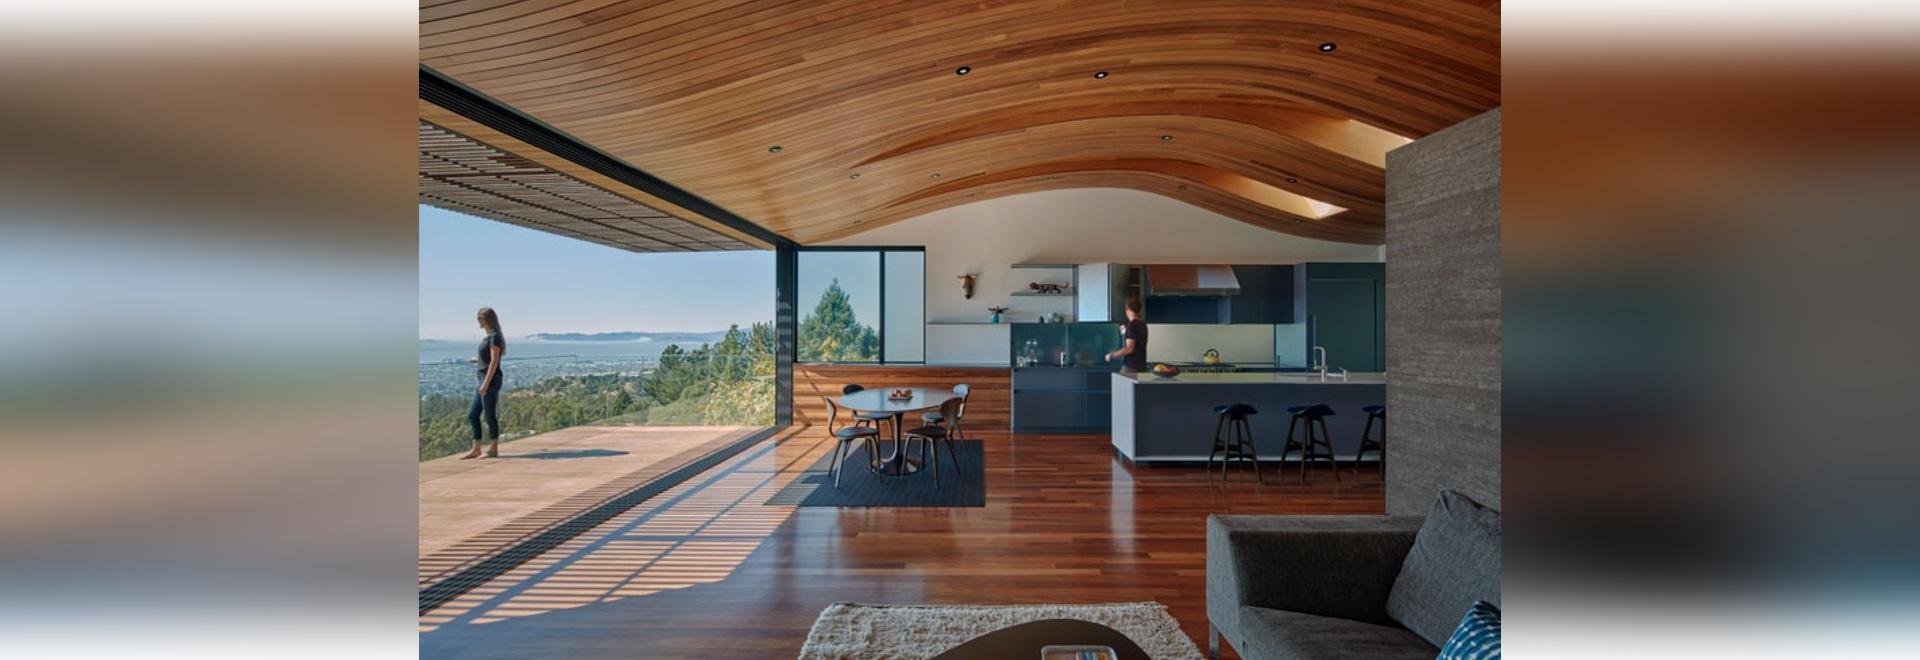 Le plafond dans cette Chambre moderne fait écho la forme de Hillside qu'elle se repose dessus